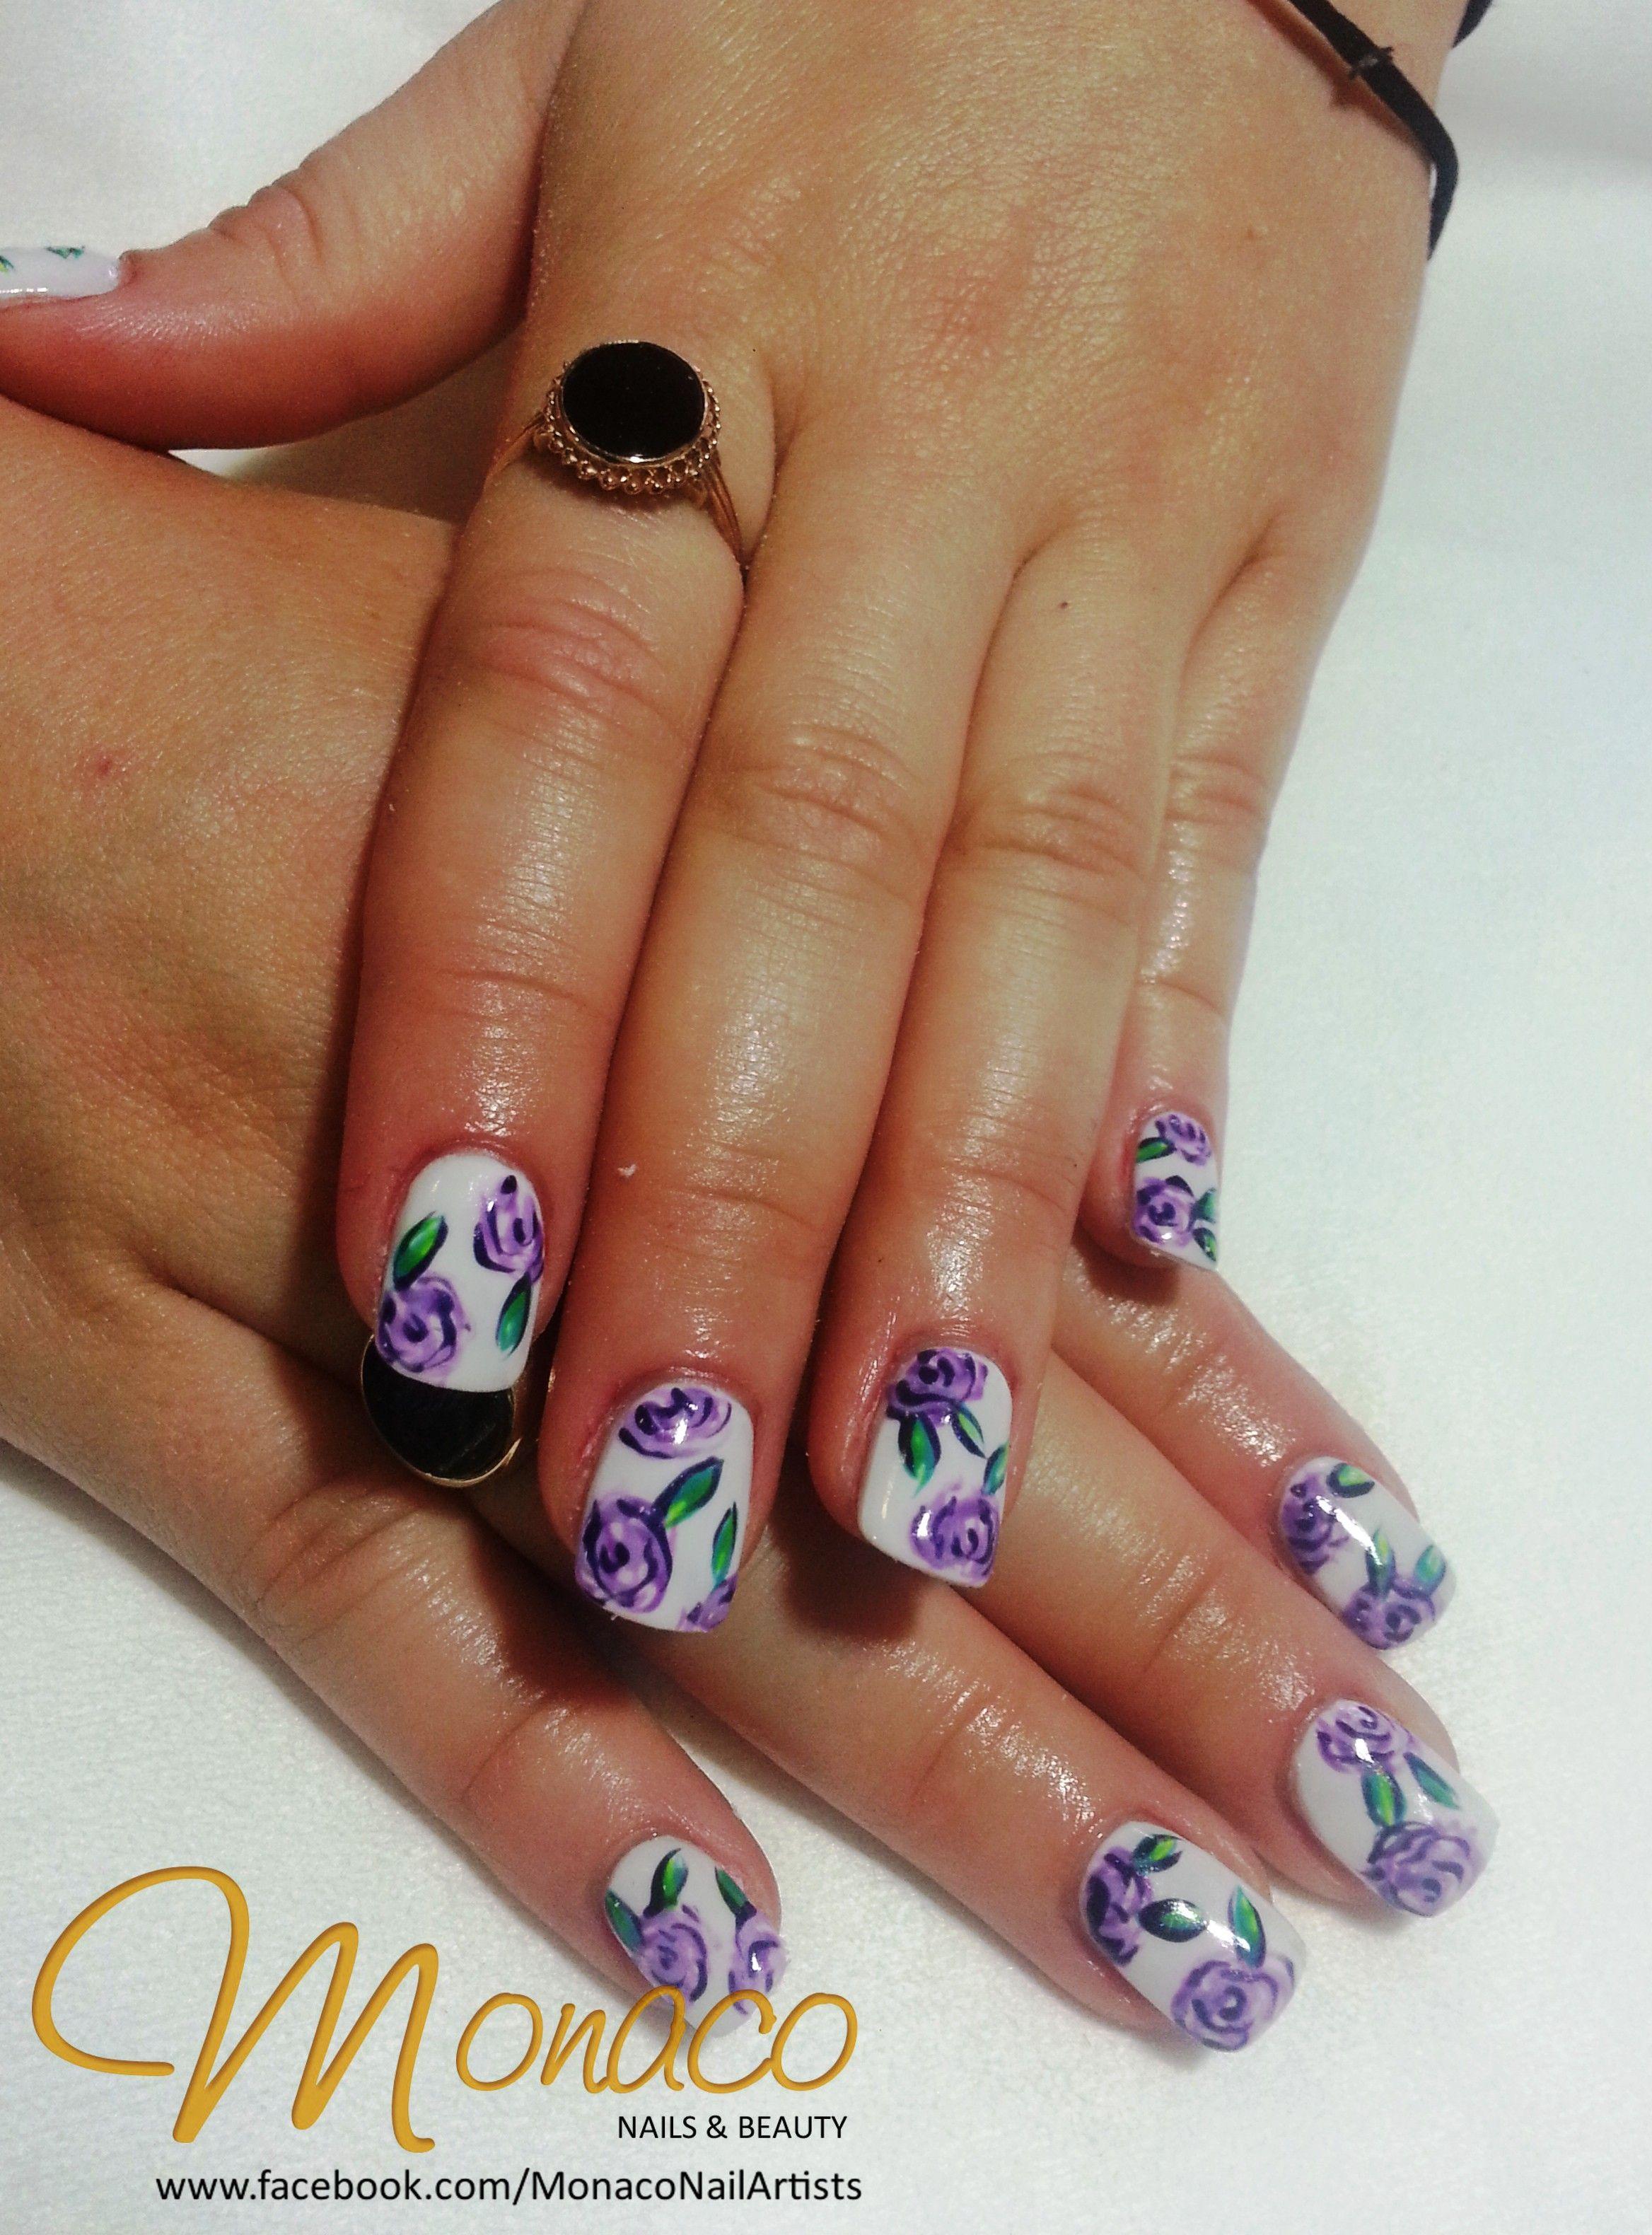 Sanidi's Beautiful ColourGloss Floral Nails! So Pretty